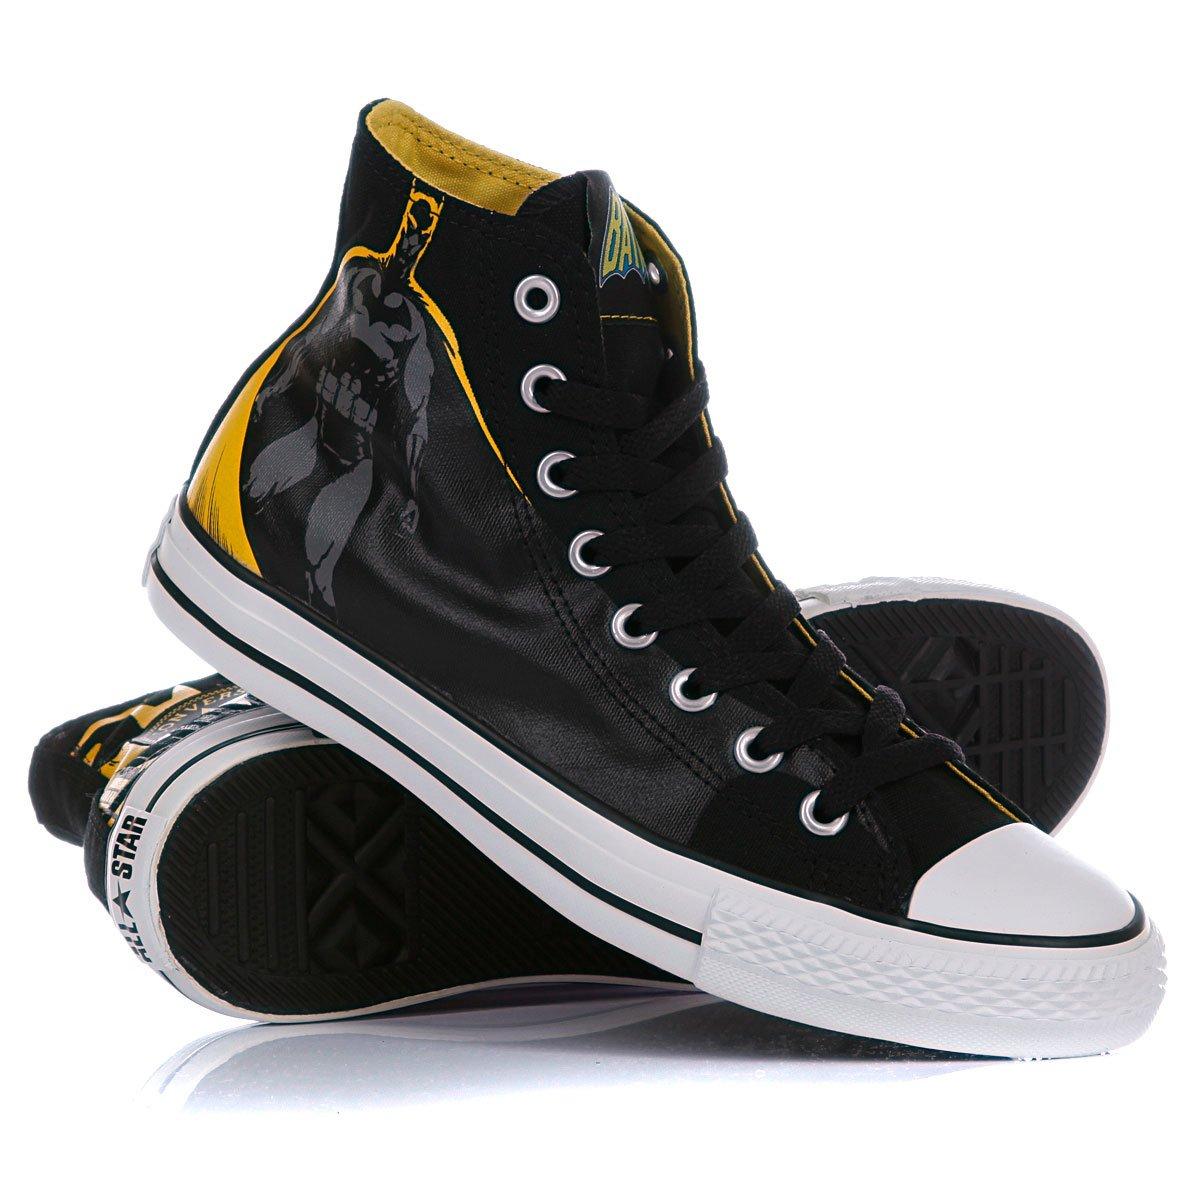 Купить кеды высокие Converse Chuck Taylor Dc Batman Hi Black Yellow ... 26faecfa2b65c